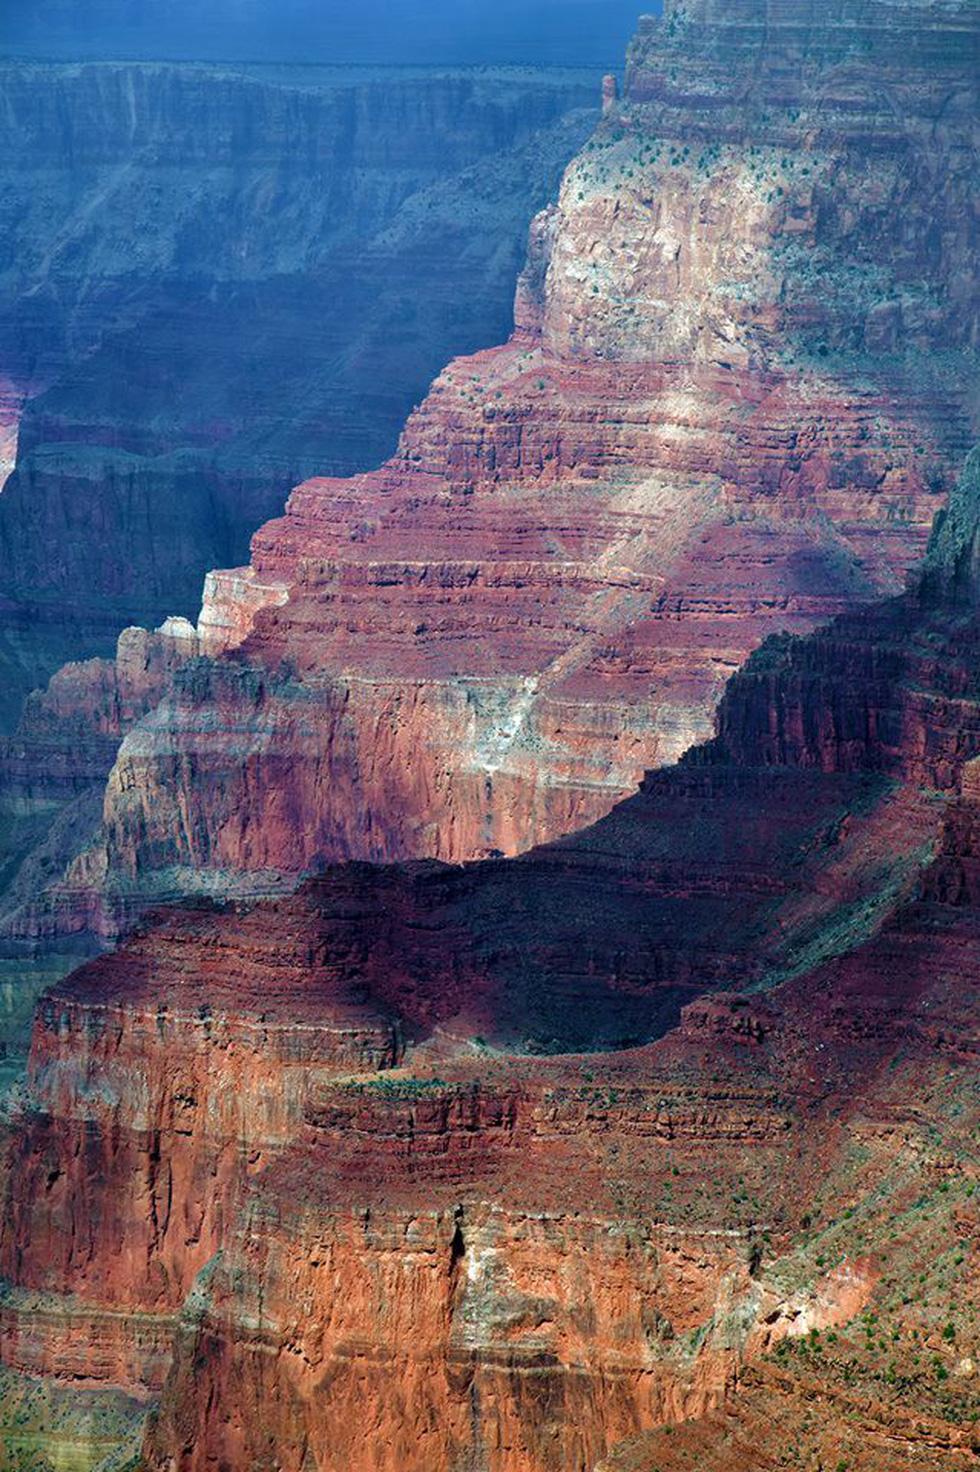 Kỳ quan Grand Canyon tráng lệ mùa tuyết rơi - Ảnh 9.